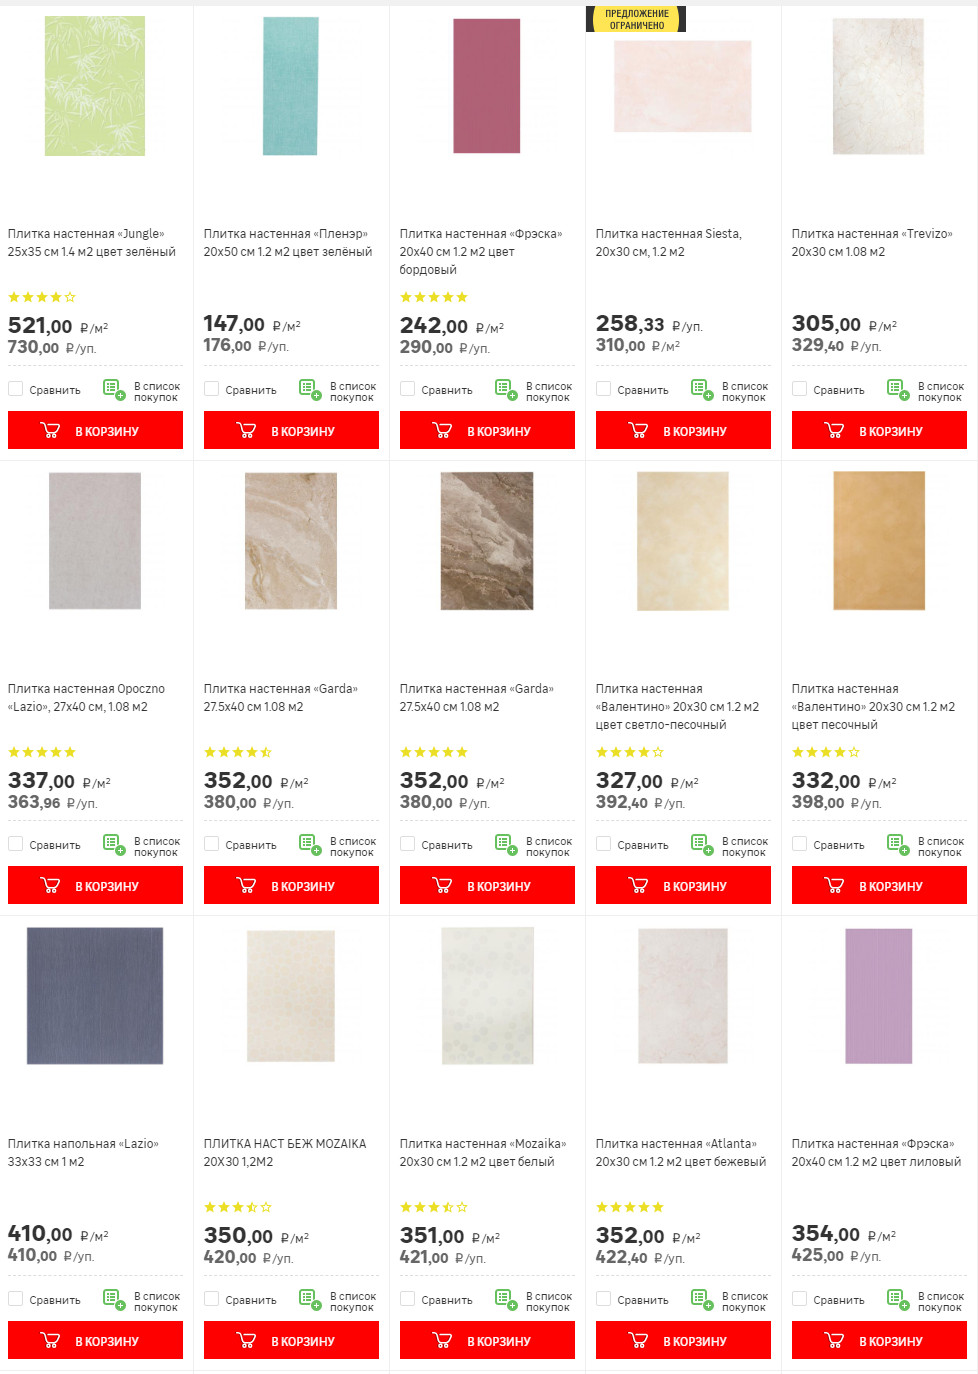 Каталог керамической плитки в Леруа Мерлен с ценами